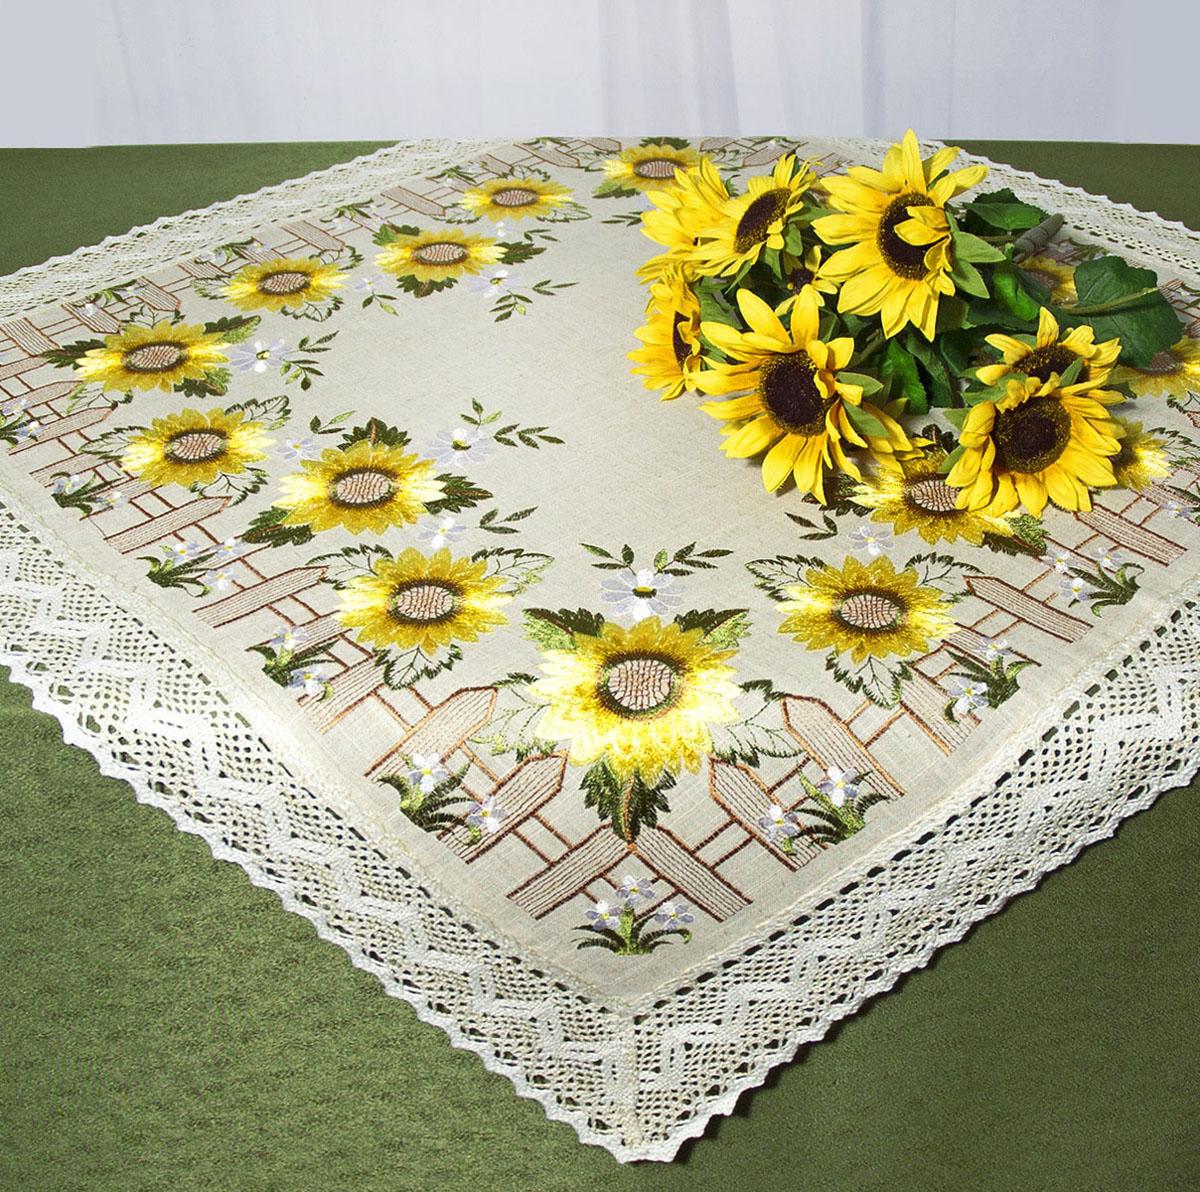 Скатерть Schaefer, квадратная, цвет: серый, желтый, 85 x 85 см. 07493-10007493-100Скатерть Schaefer изготовлена из полиэстера и украшена цветочной вышивкой. Края изделия оформлены в технике ришелье. Изделия из полиэстера легко стирать: они не мнутся, не садятся и быстро сохнут, они более долговечны, чем изделия из натуральных волокон. Кроме того, ткань обладает водоотталкивающими свойствами. Такая скатерть будет просто не заменима на кухне, а особенно на вашем обеденном столе на даче под открытым небом. Скатерть Schaefer не останется без внимания ваших гостей, а вас будет ежедневно радовать ярким дизайном и несравненным качеством. Немецкая компания Schaefer создана в 1921 году. На протяжении всего времени существования она создает уникальные коллекции домашнего текстиля для гостиных, спален, кухонь и ванных комнат. Дизайнерские идеи немецких художников компании Schaefer воплощаются в текстильных изделиях, которые сделают ваш дом красивее и уютнее и не останутся незамеченными вашими гостями. Дарите себе и...